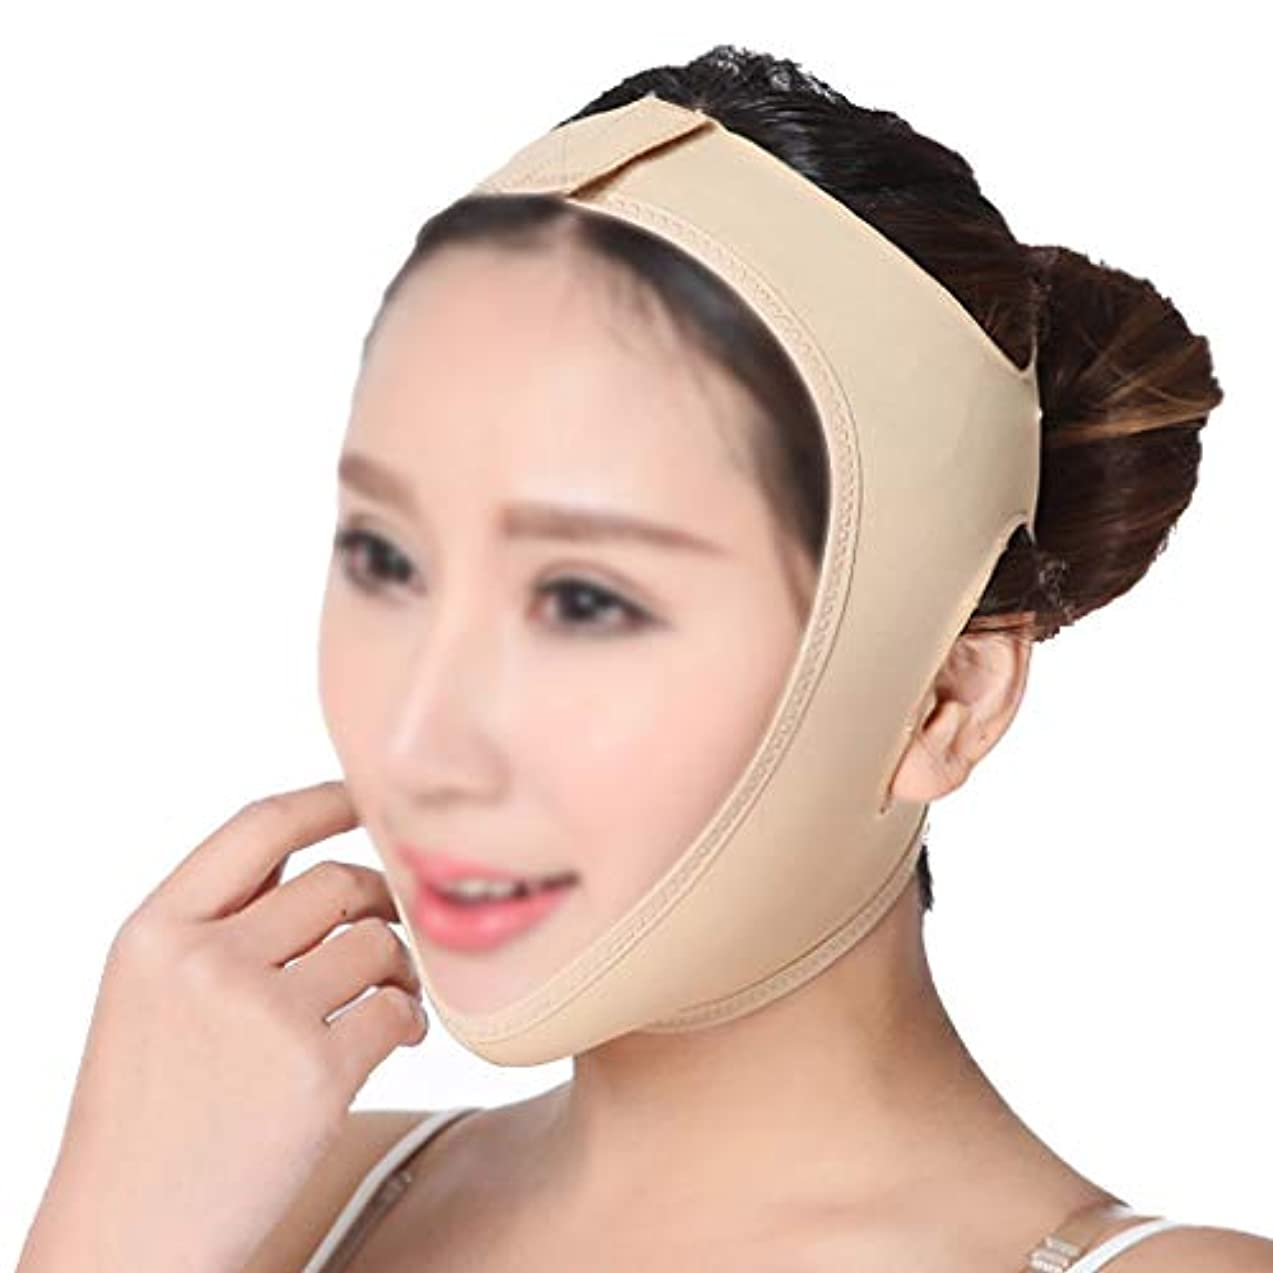 XHLMRMJ フェイスリフティングマスク、持ち上がるあごと顔の肌、垂れ下がるのを防ぐ頬、快適で通気性のある生地、詰まることを拒否、身に着けやすい (Size : XL)